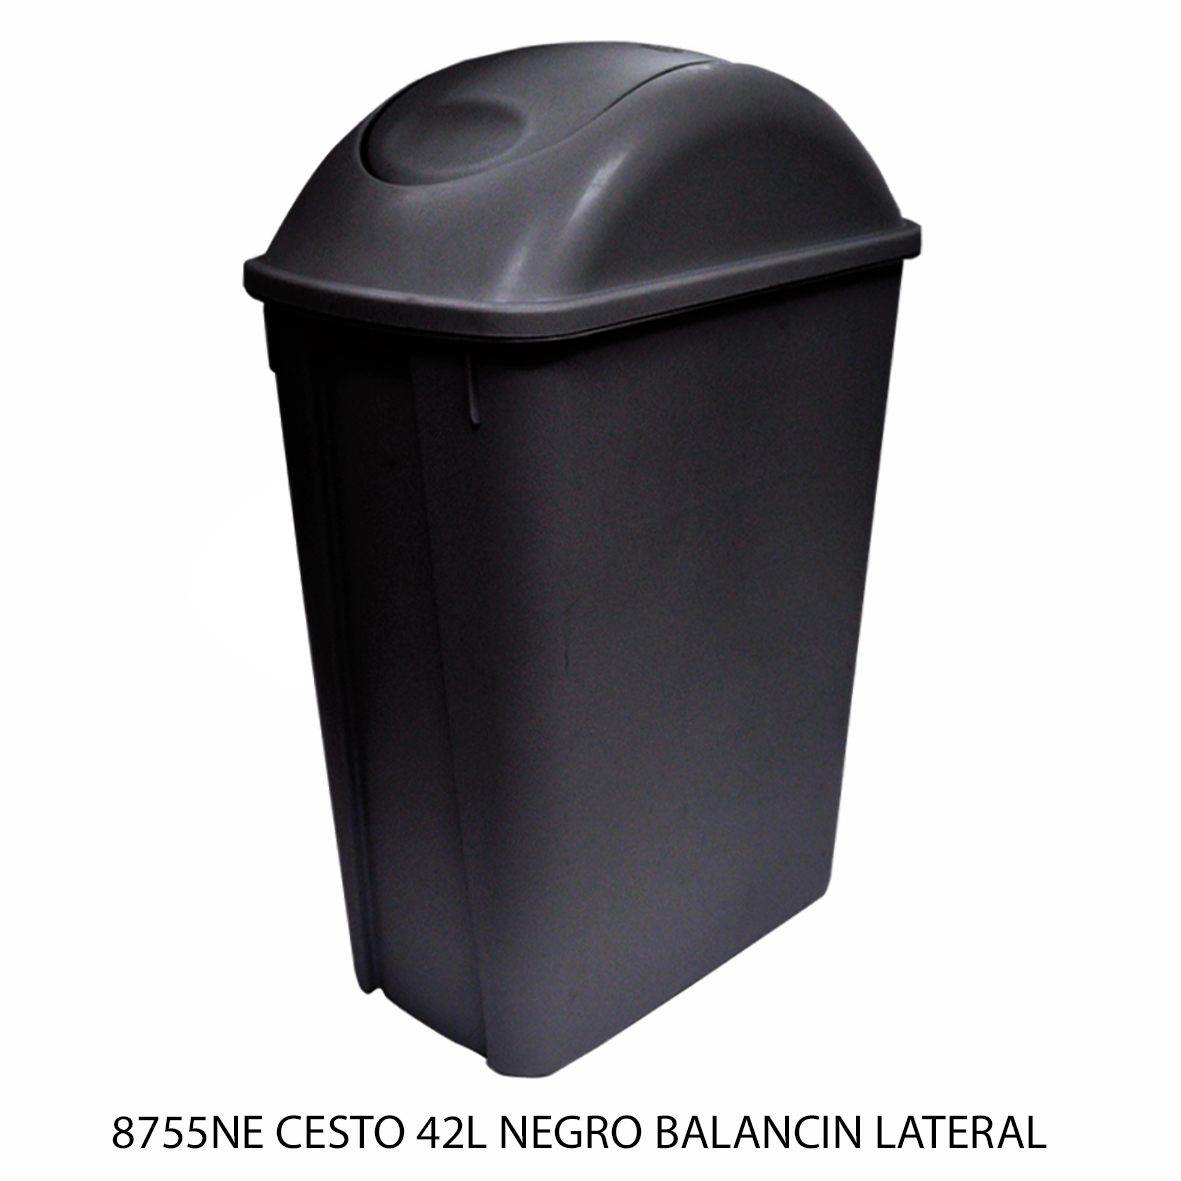 Bote de basura mediano de 42 litros con balancín lateral color negro modelo 8755NE de Sablón